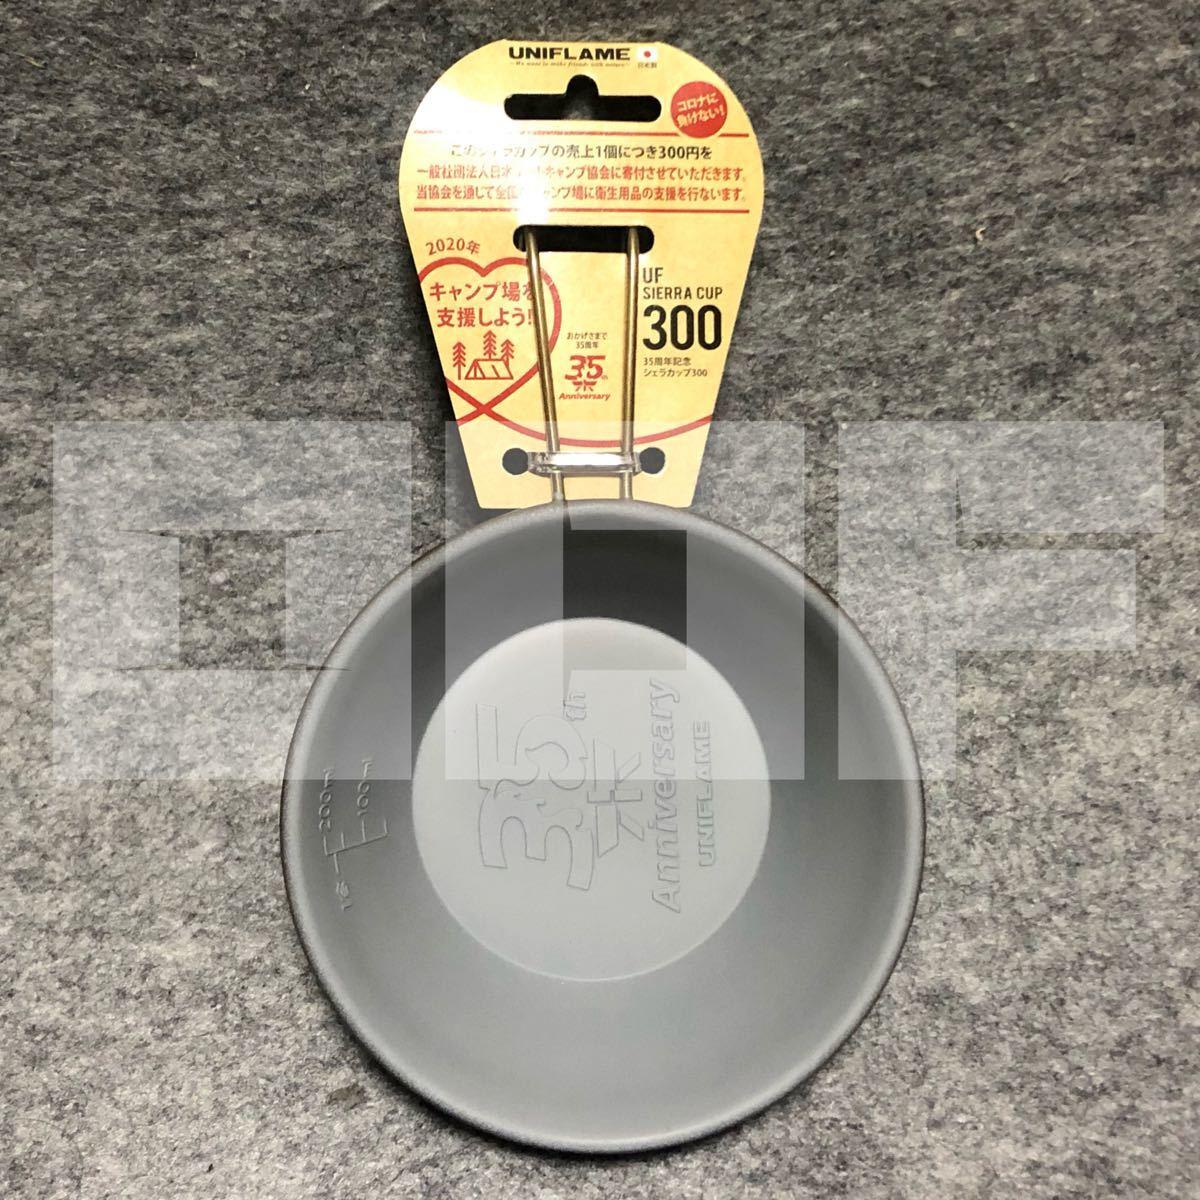 ユニフレーム ステンレス シェラカップ 300ml 35周年 GOLDEN BROWN